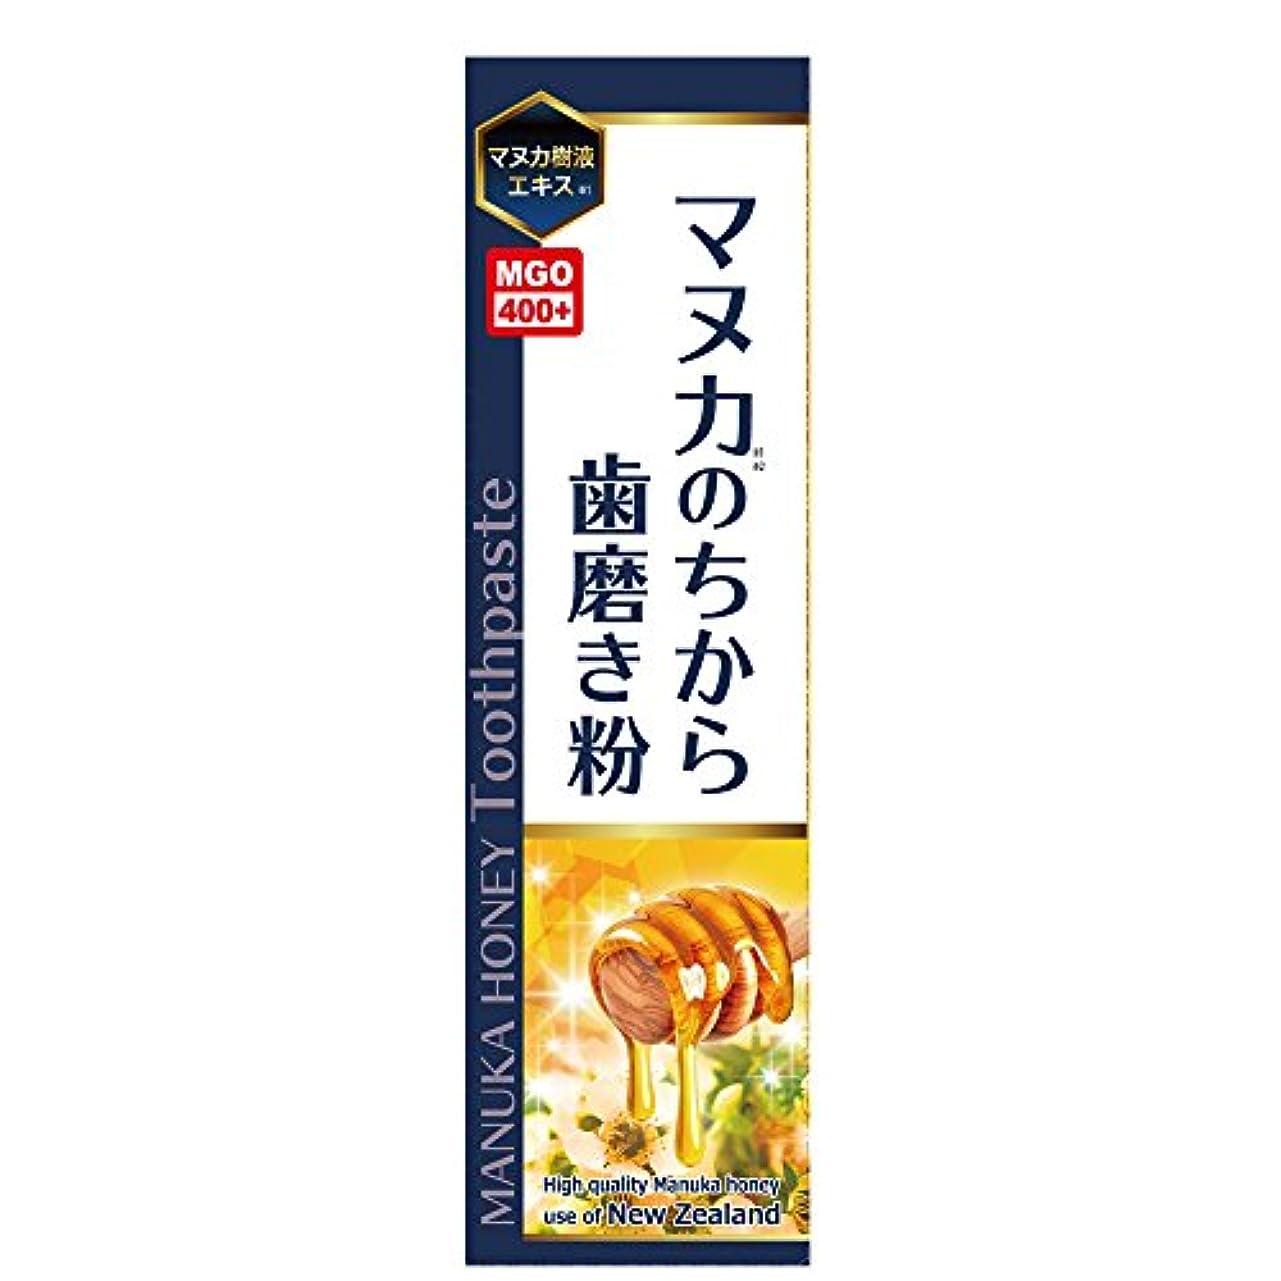 リーガンパフ天井マヌカのちから歯磨き粉 ハチミツレモン味 100g